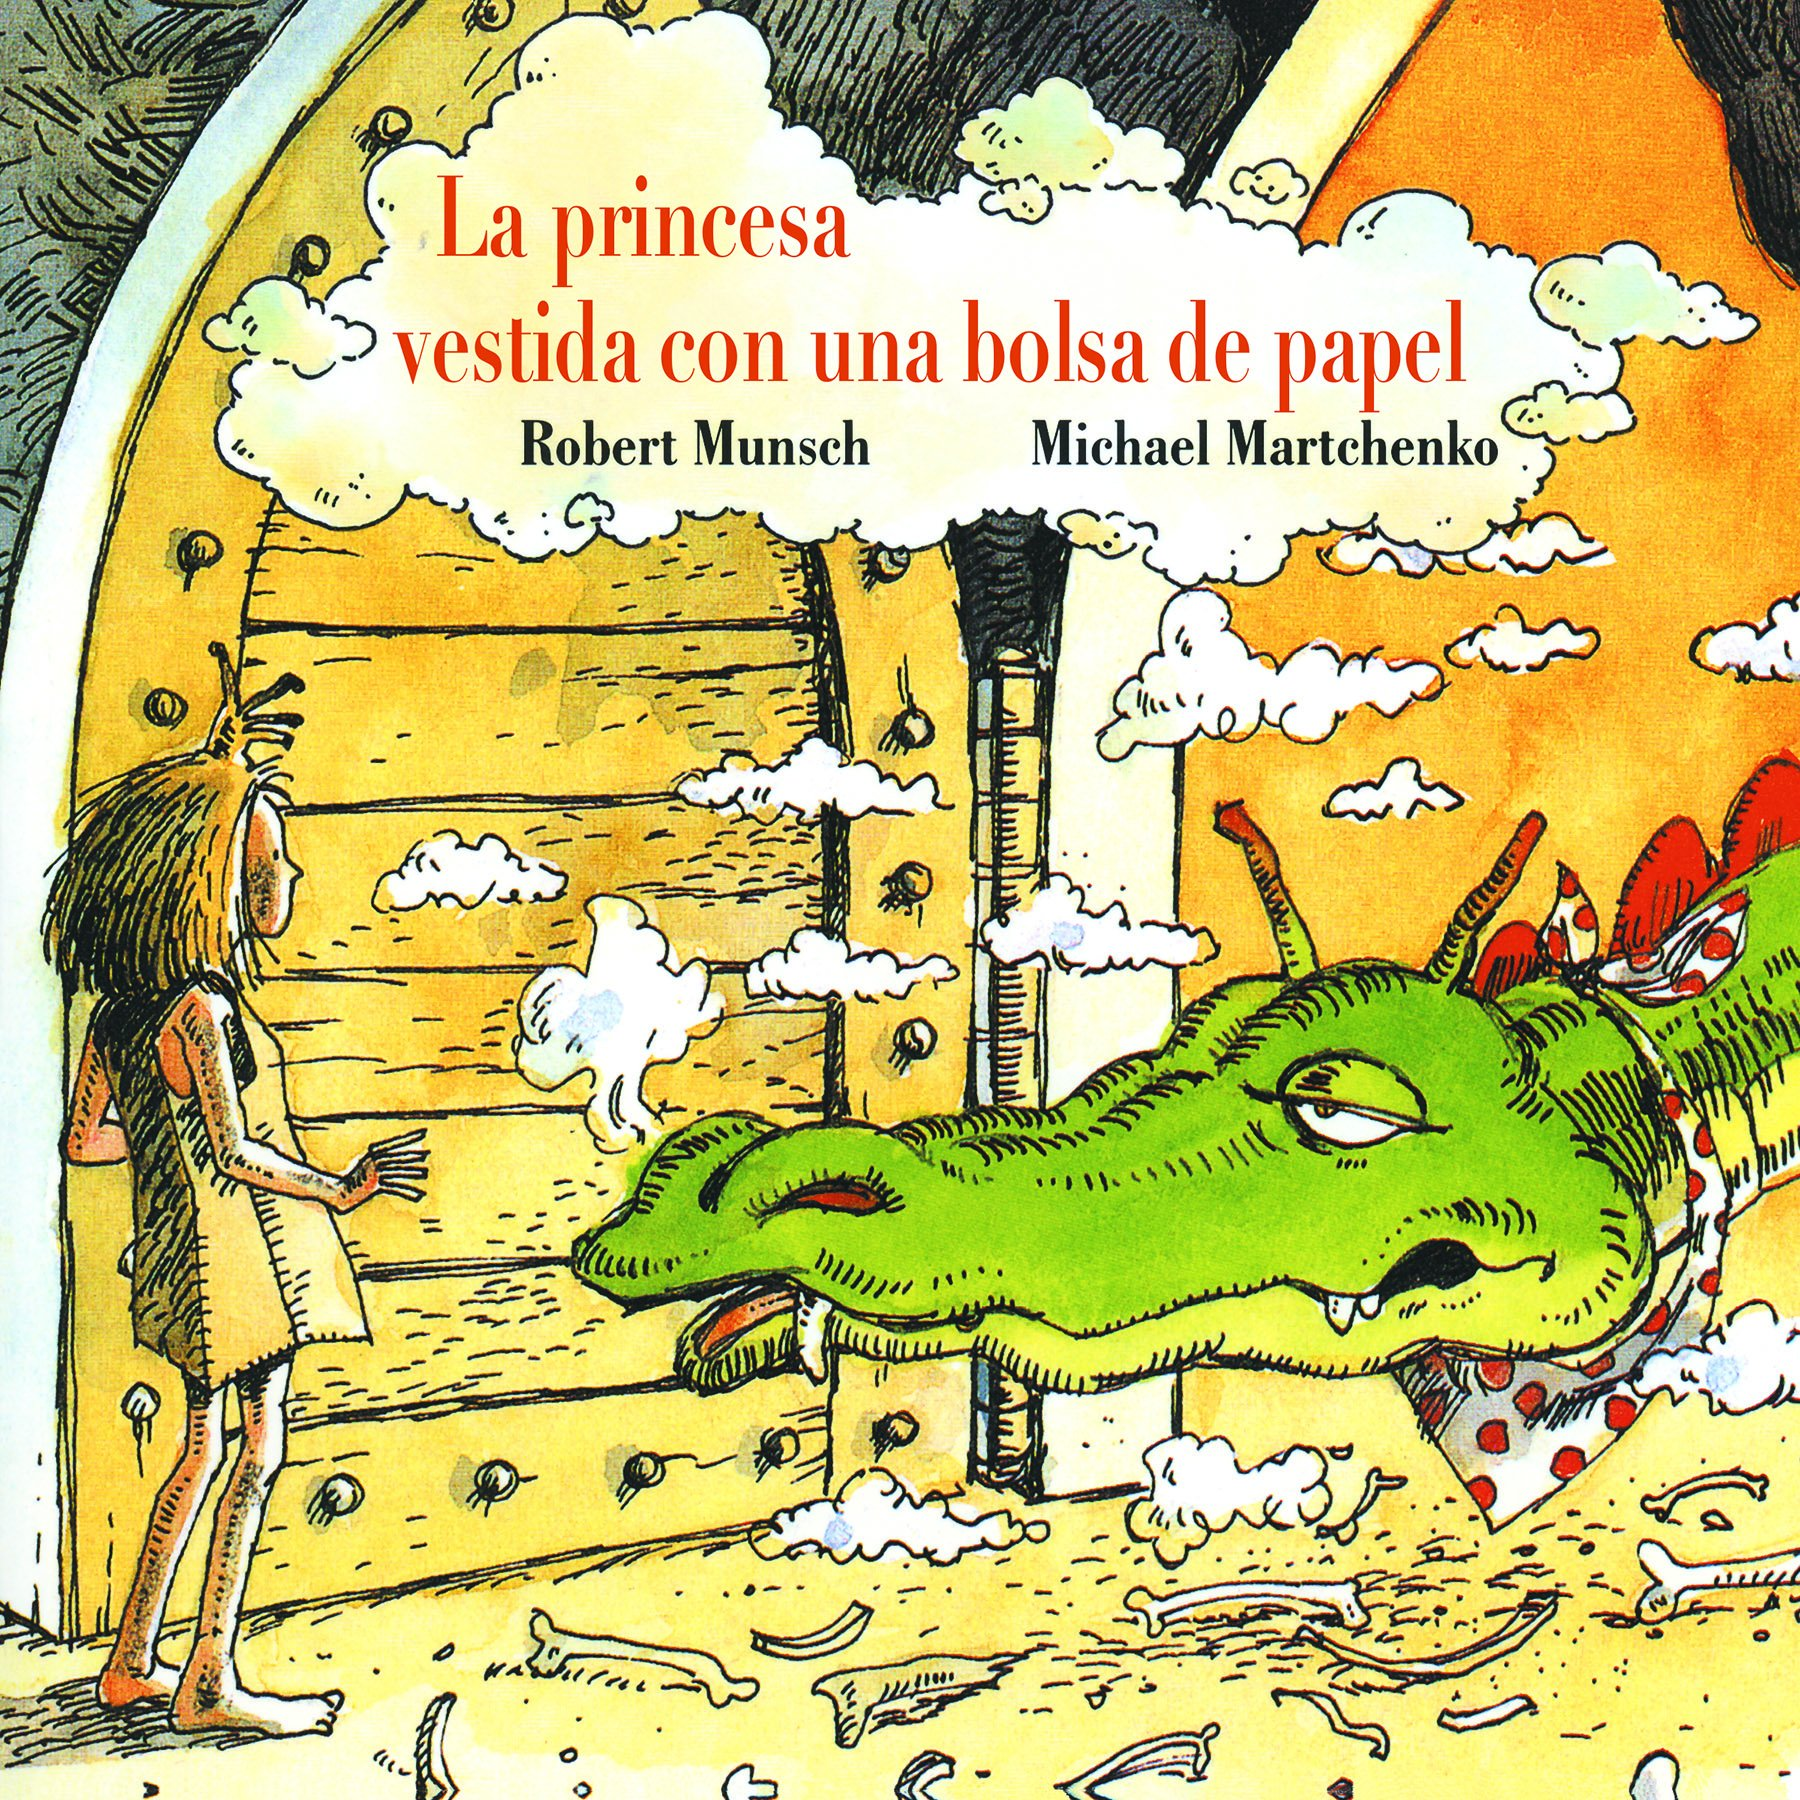 La princesa vestida con una bolsa de papel Tapa blanda – 1 may 1992 Robert Munsch Michael Martchenko Annick Pr 1550370987